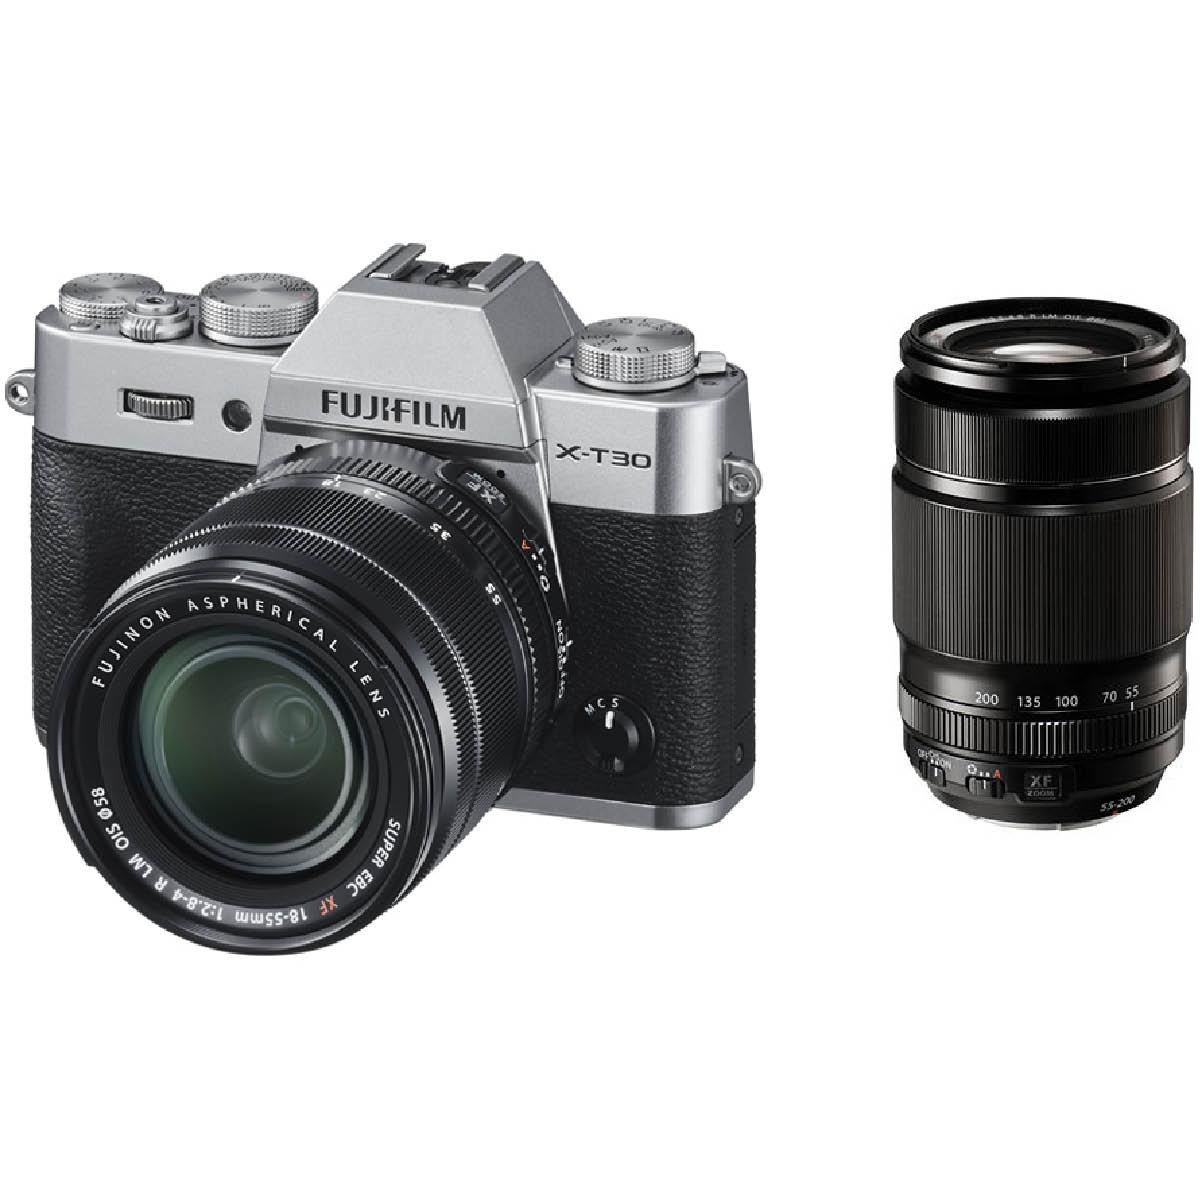 Fujifilm X-T30 Kit mit 18-55 mm 1:2,8-4 + 55-200 mm Silber